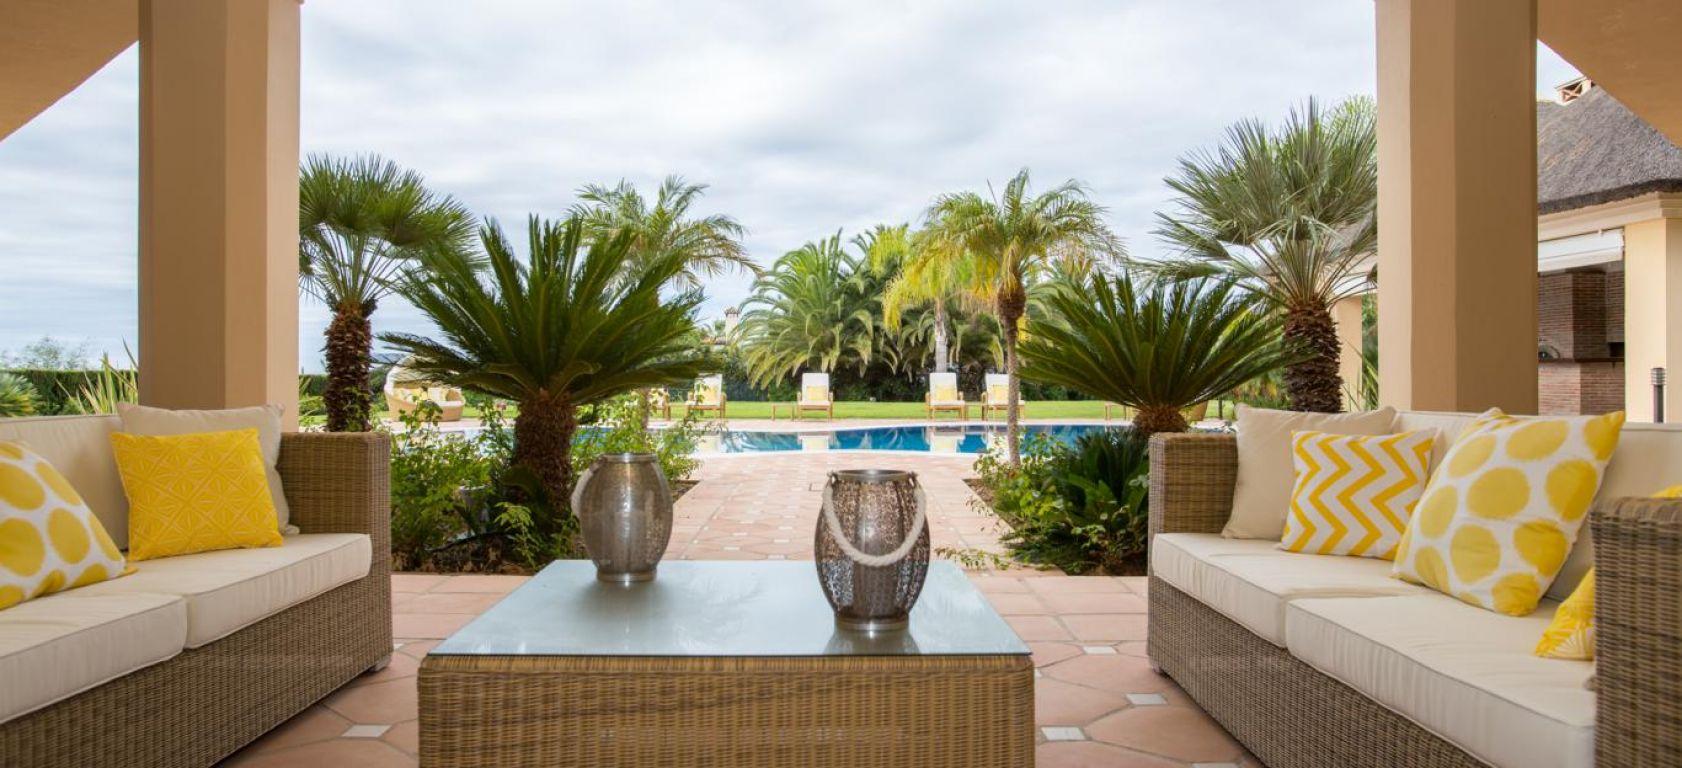 Beachfront villa,La Chapas, Marbella.